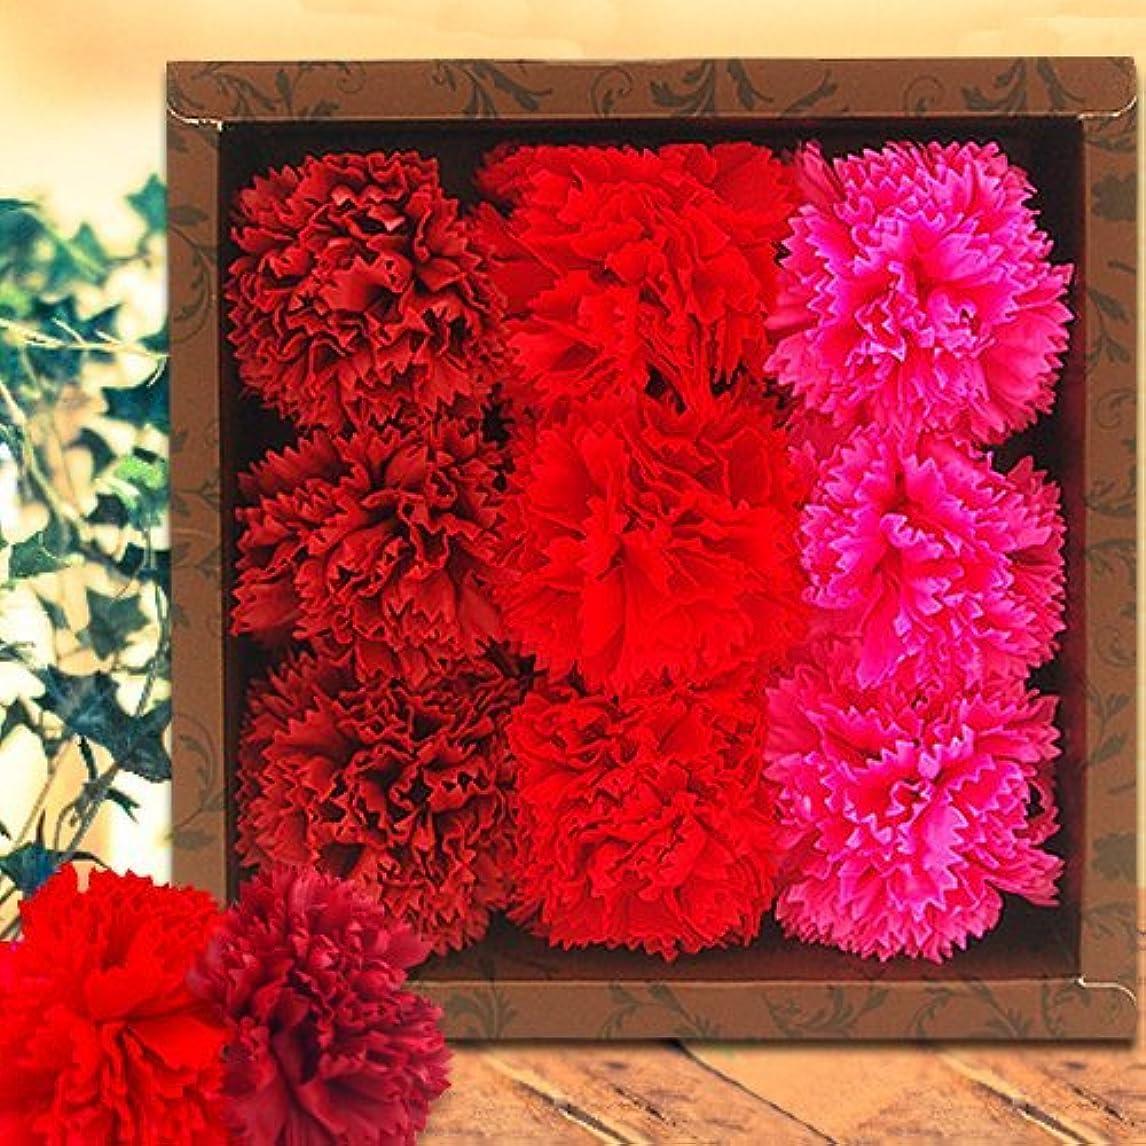 すなわち自治的処方するフラワーフレグランス(Carnation/Red)